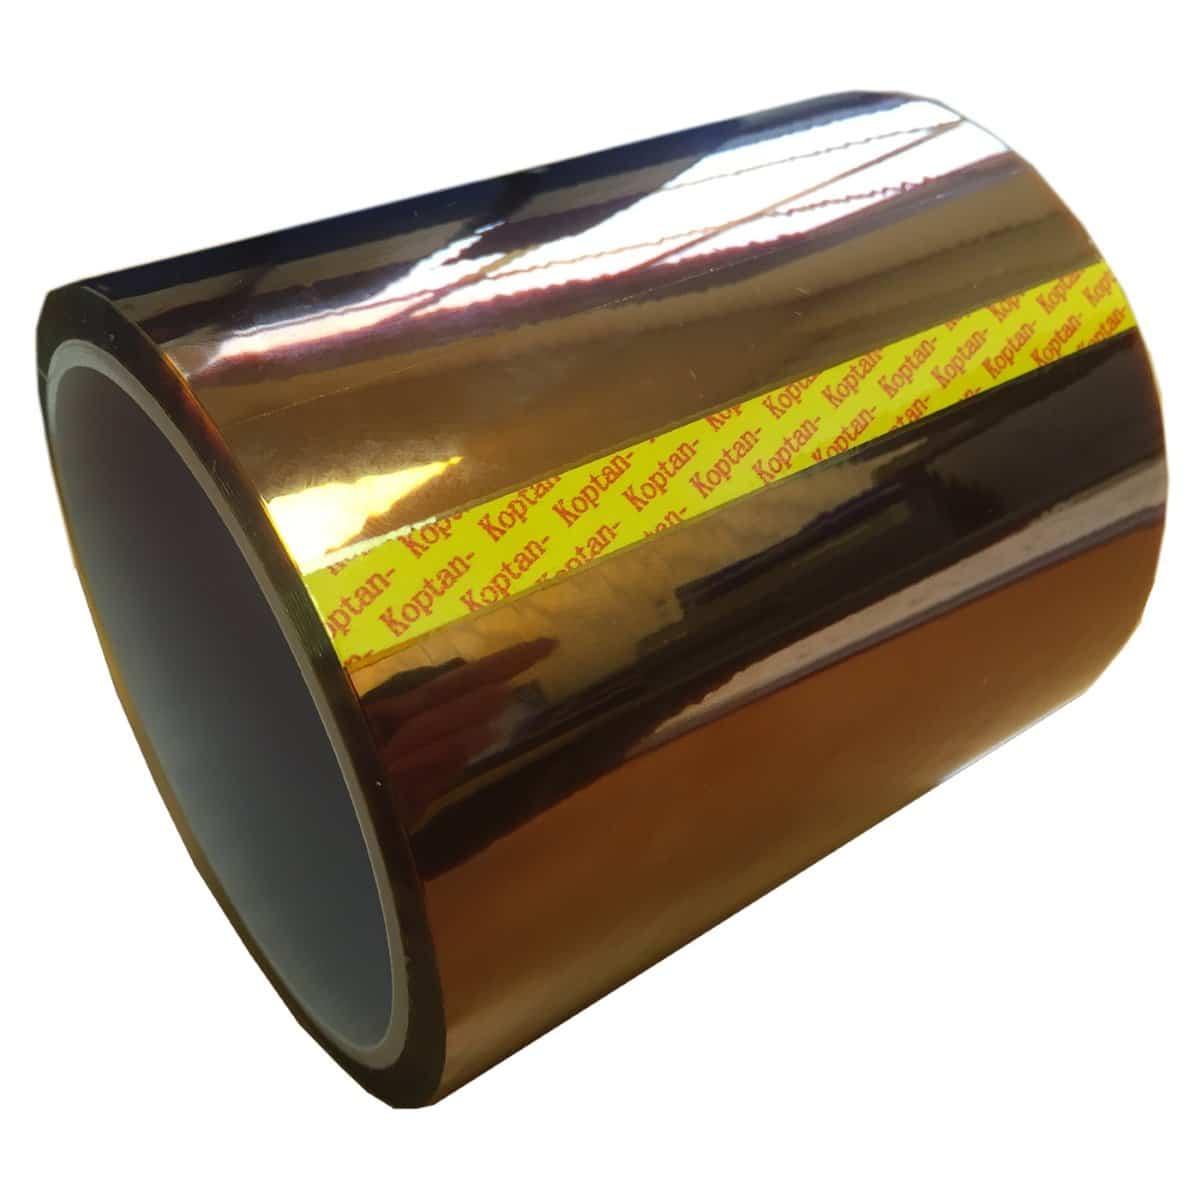 Billede af Polyimide Tape Heat Resistant Wide 100mm x 32m